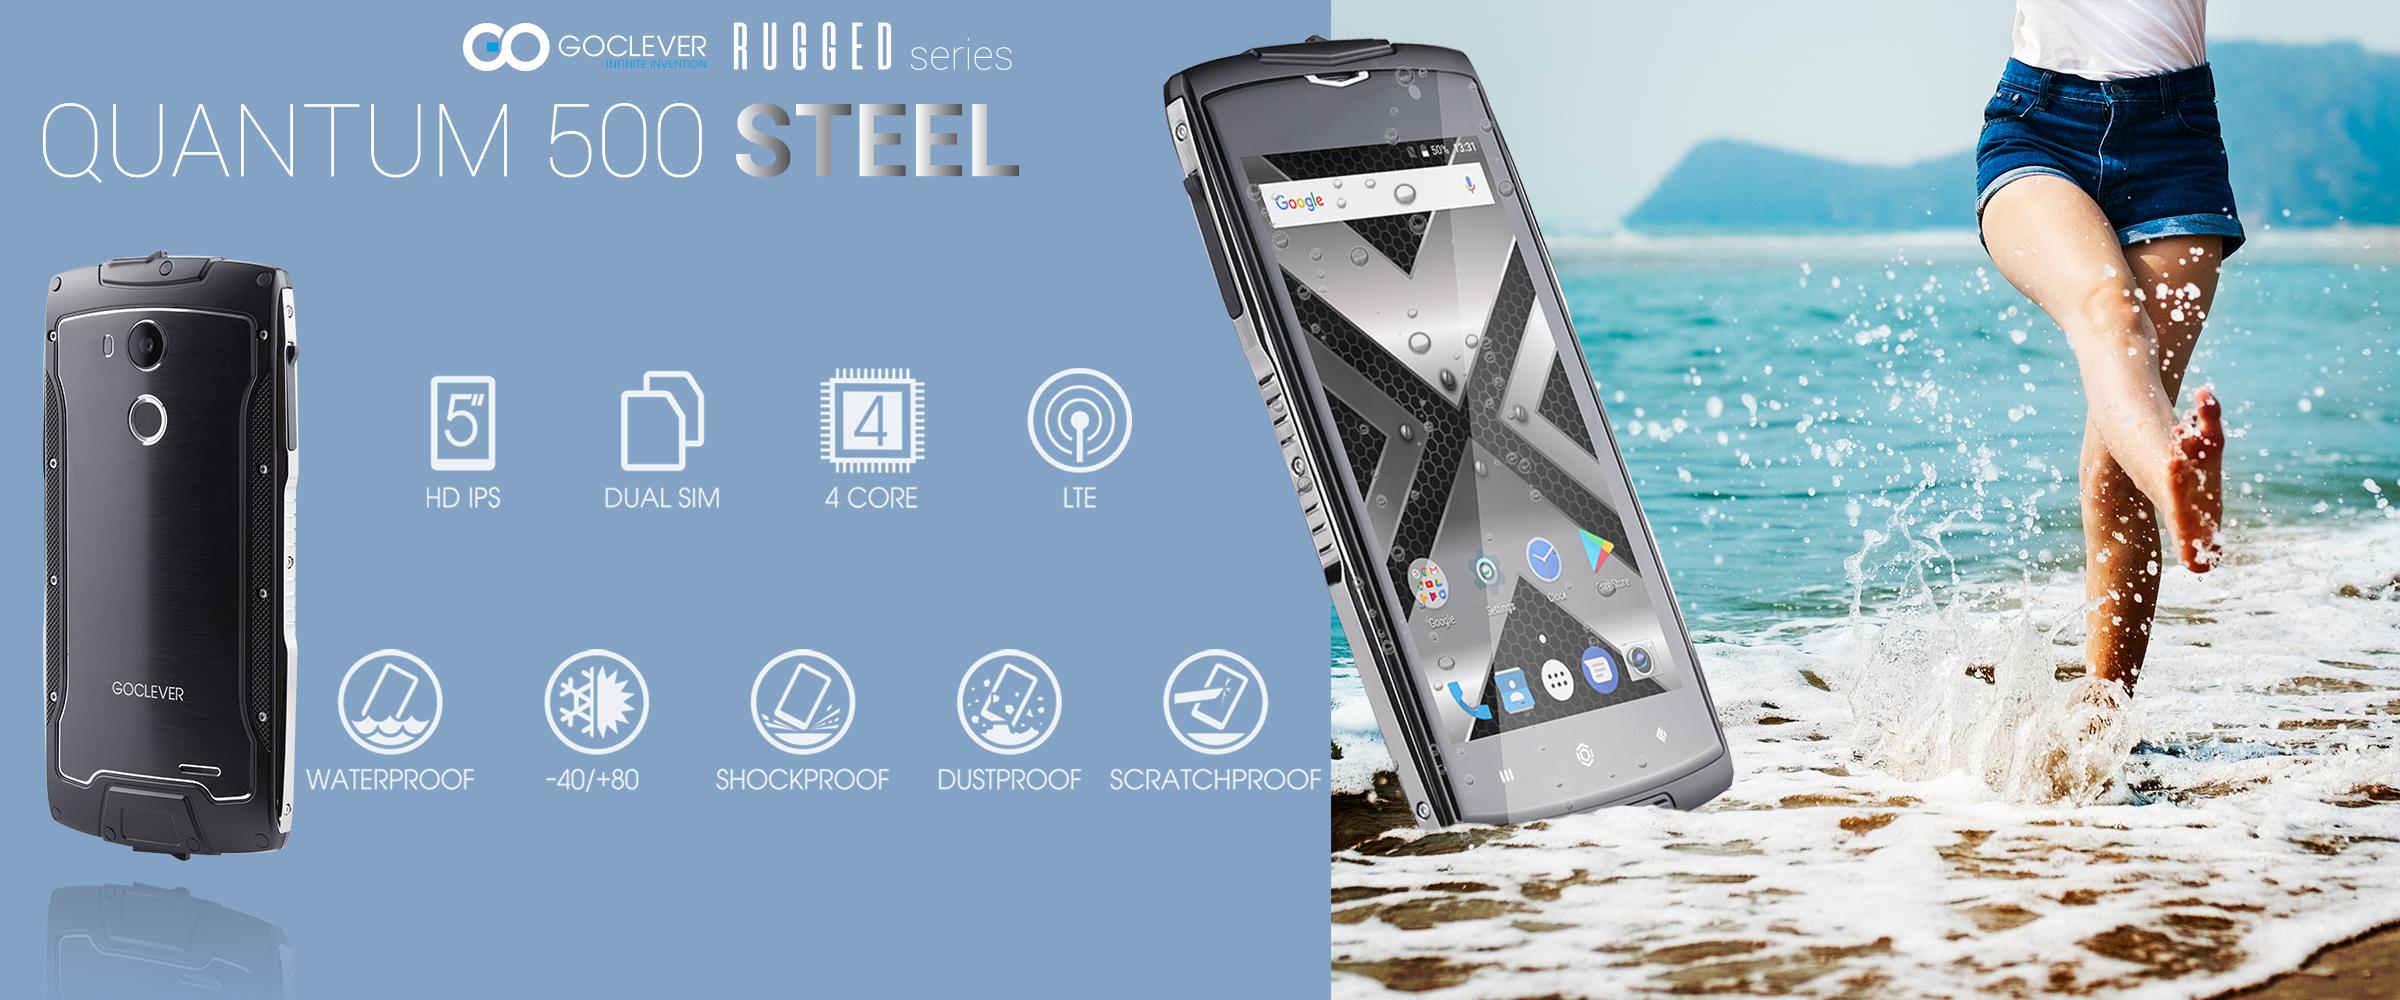 GOCLEVER Quantum 500 Steel, czyli wytrzyma³y telefon w rozs±dnej cenie